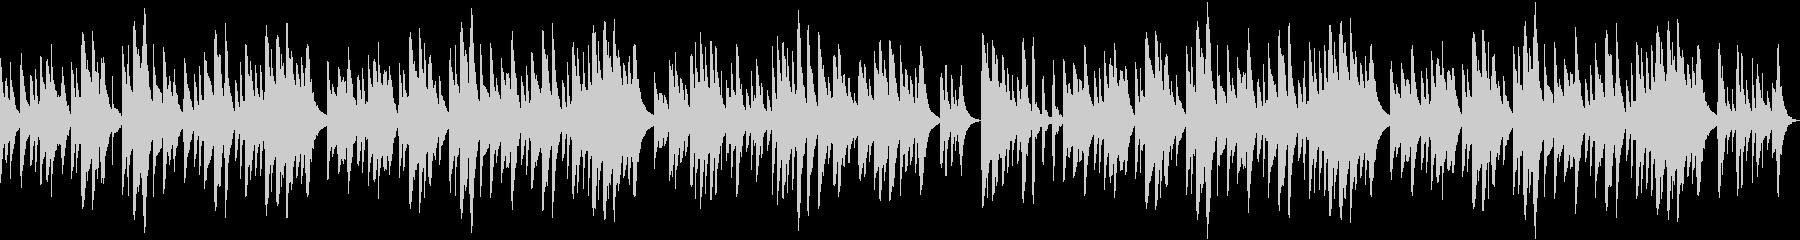 穏やかなオルゴールバラード(ループ可)の未再生の波形